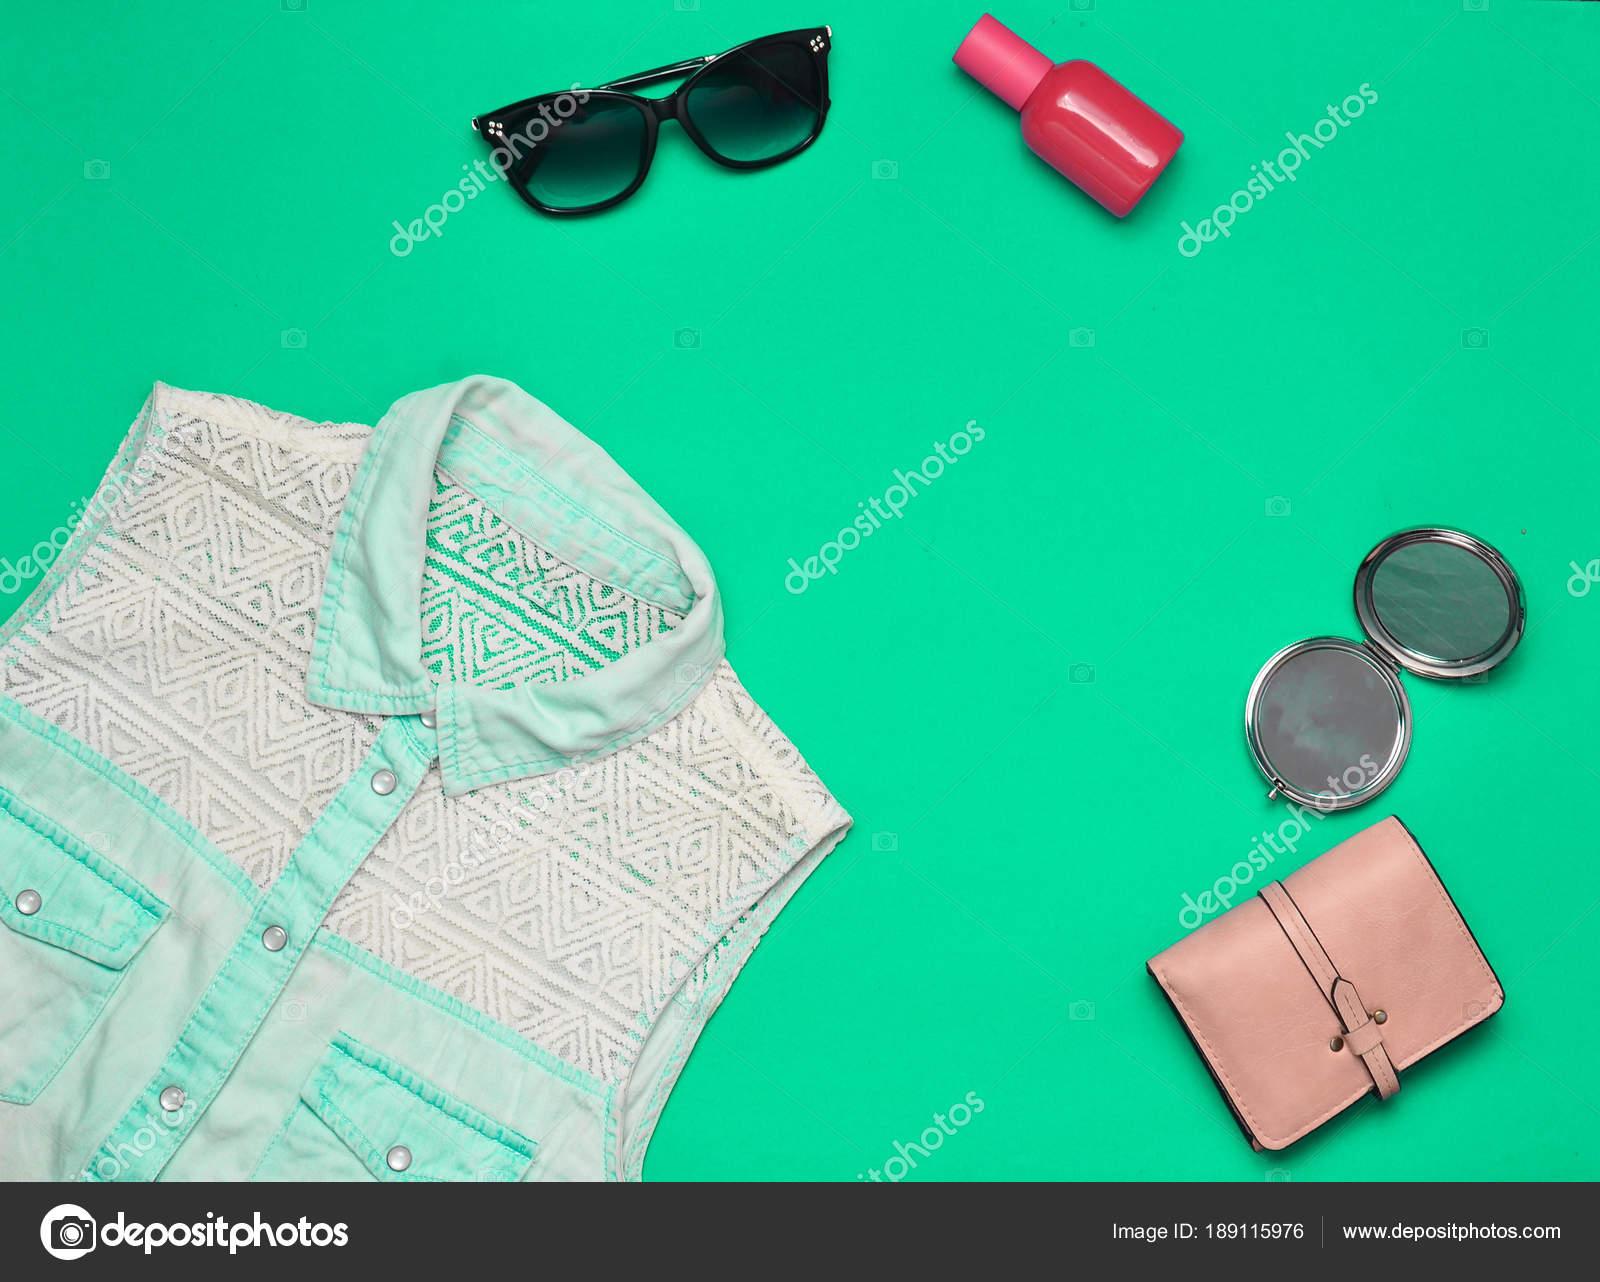 59e8868982c4 Acessórios e roupas em um fundo turquesa feminino. Camisa jeans, espelho,  frasco de perfume, óculos de sol, bolsa. Copie o espaço. Plano de leigos.